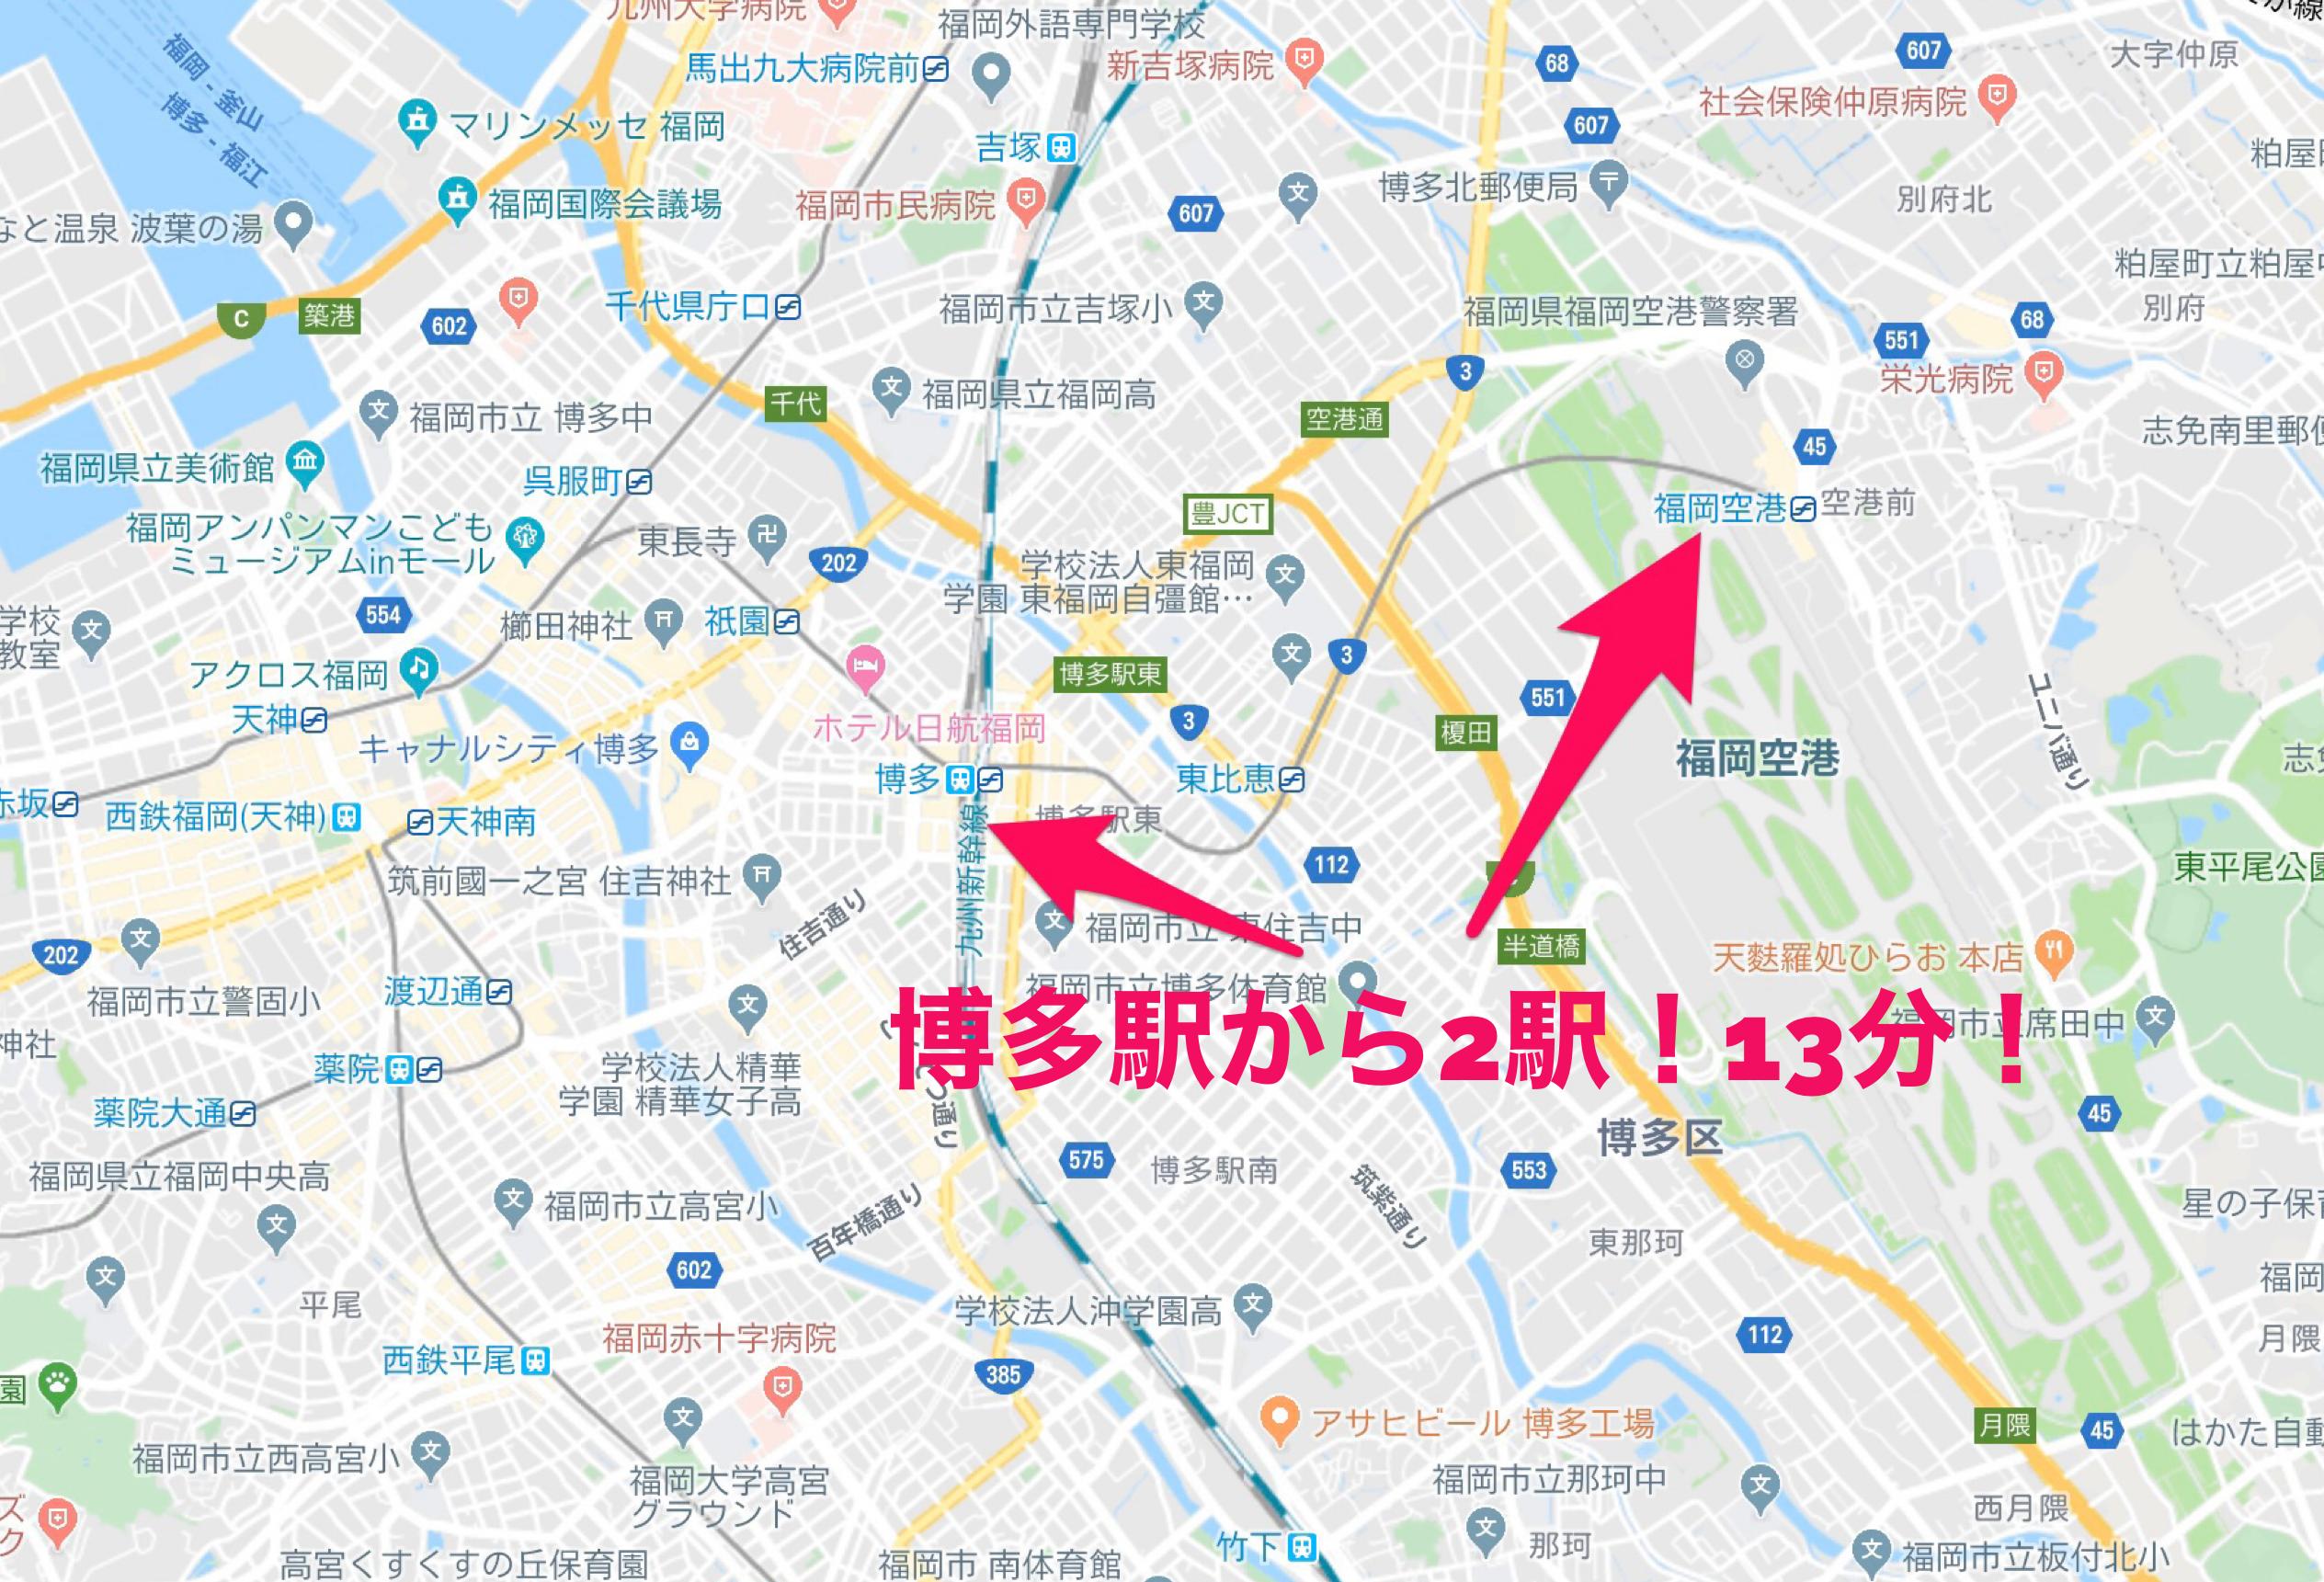 博多駅 福岡空港駅 地図